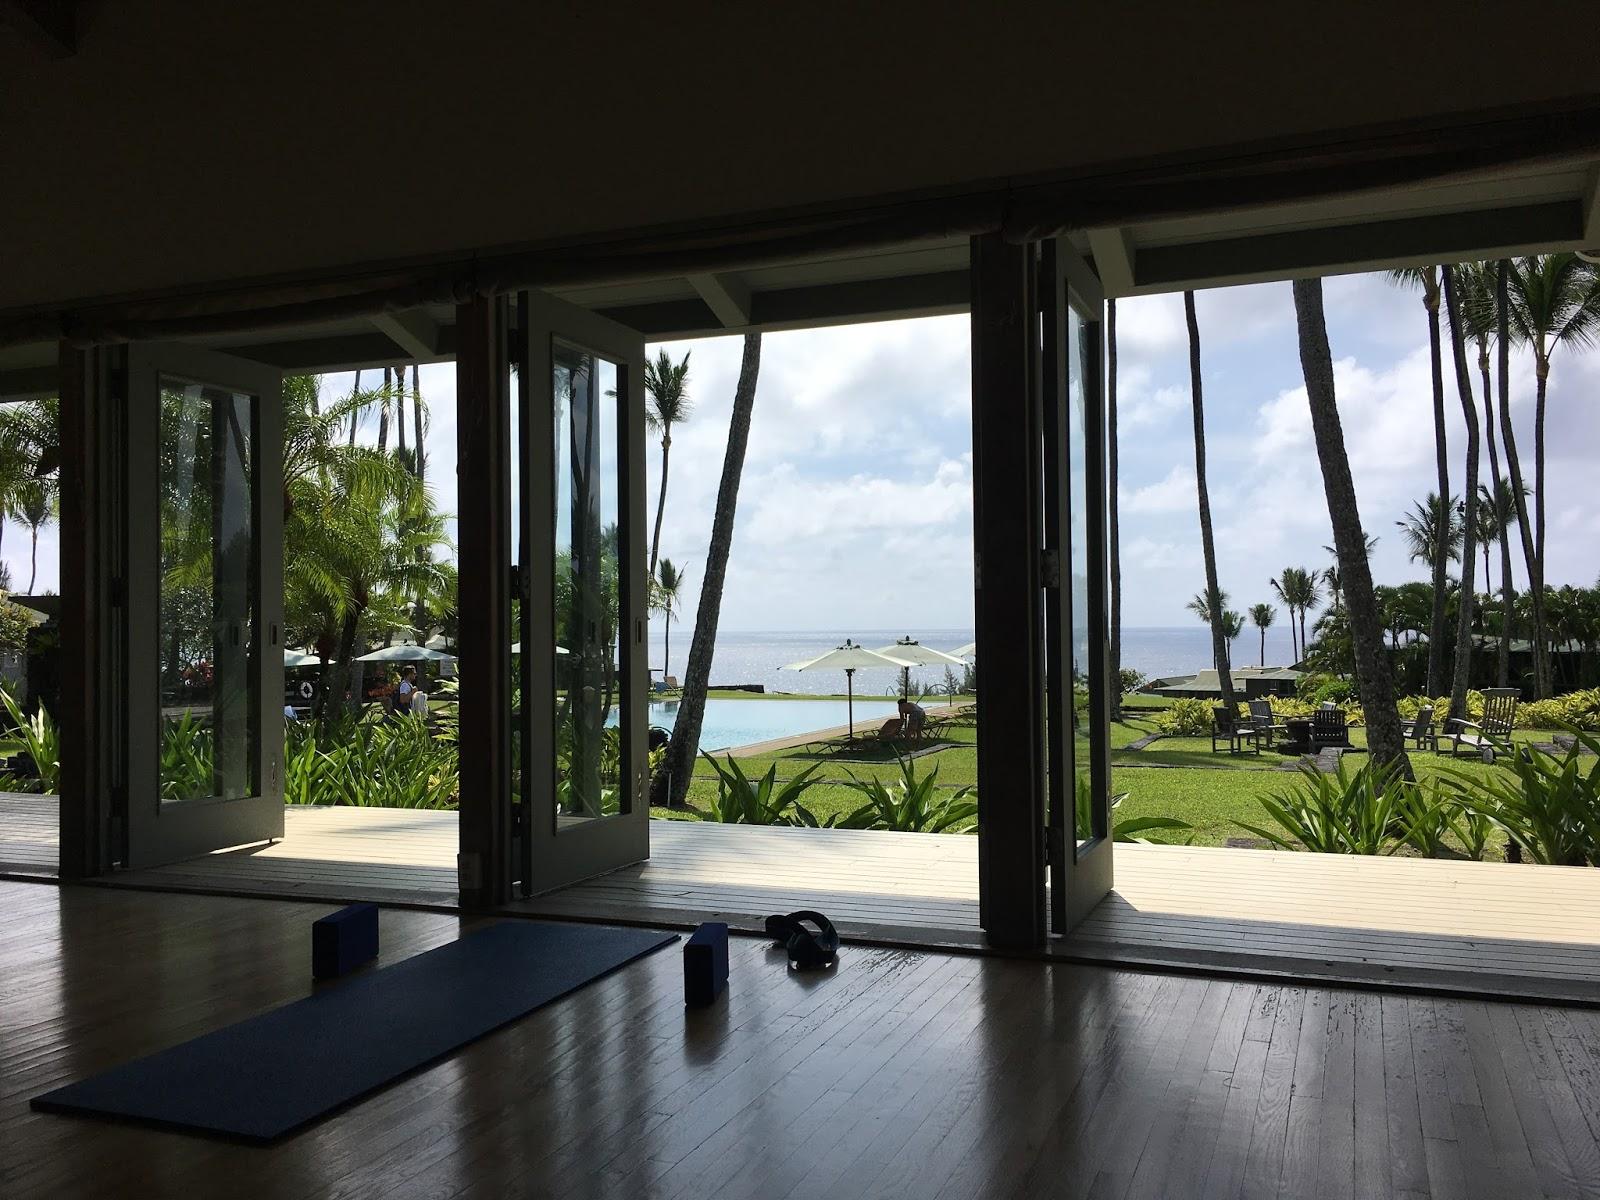 webookerin on tour: Hawaii - Online Reisebüro webook.ch Blog